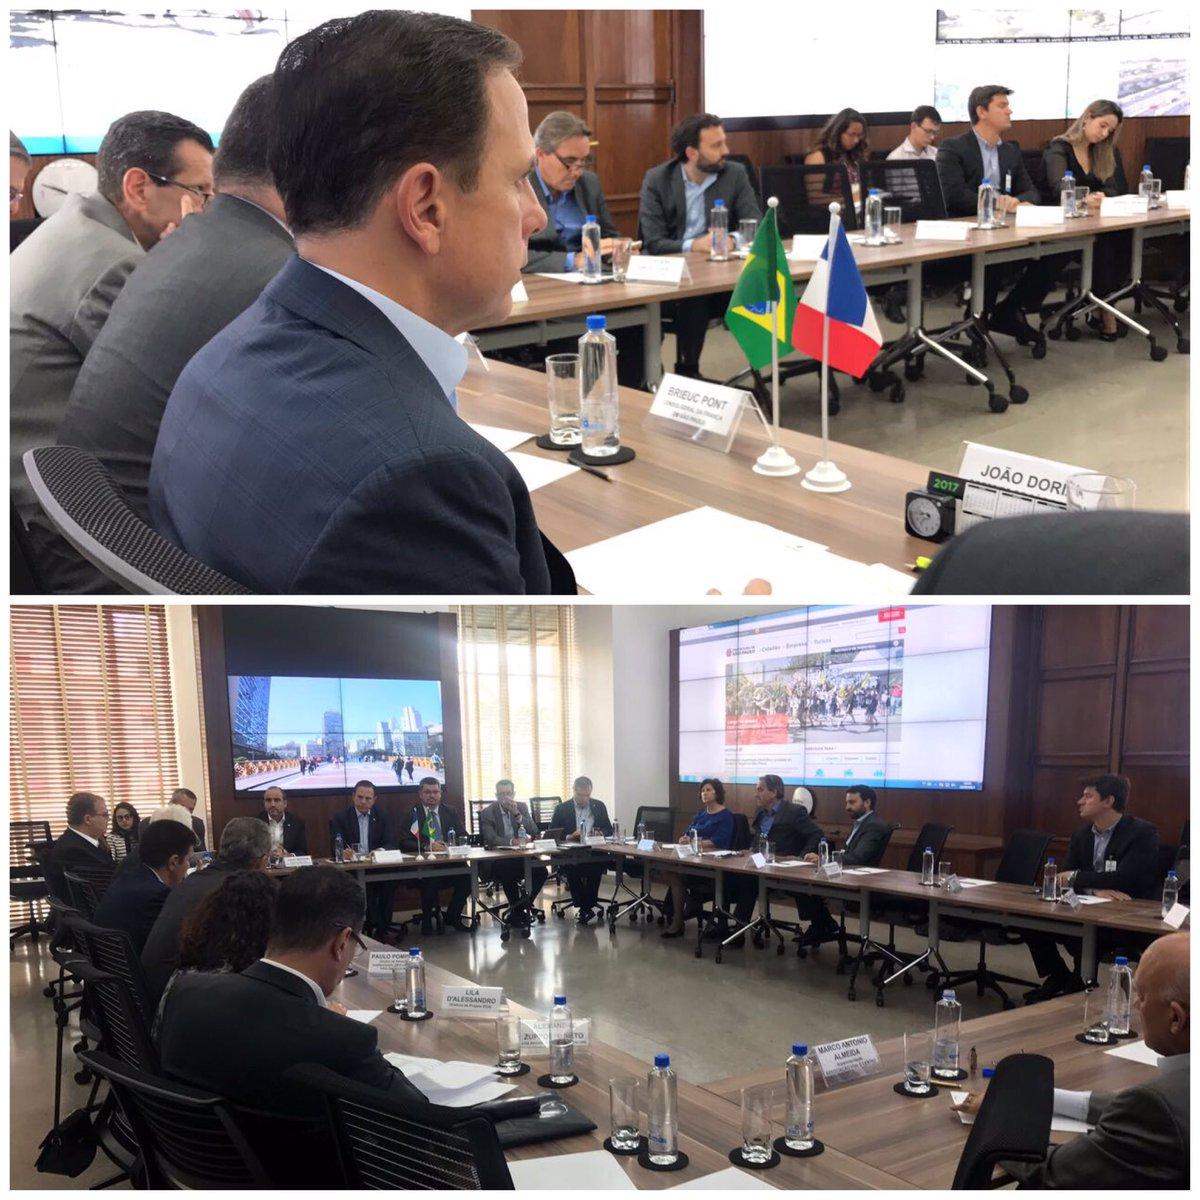 Em reunião com o Cônsul da França e diversas empresas francesas para definirmos detalhes do projeto de Requalificação do Largo do Arouche.